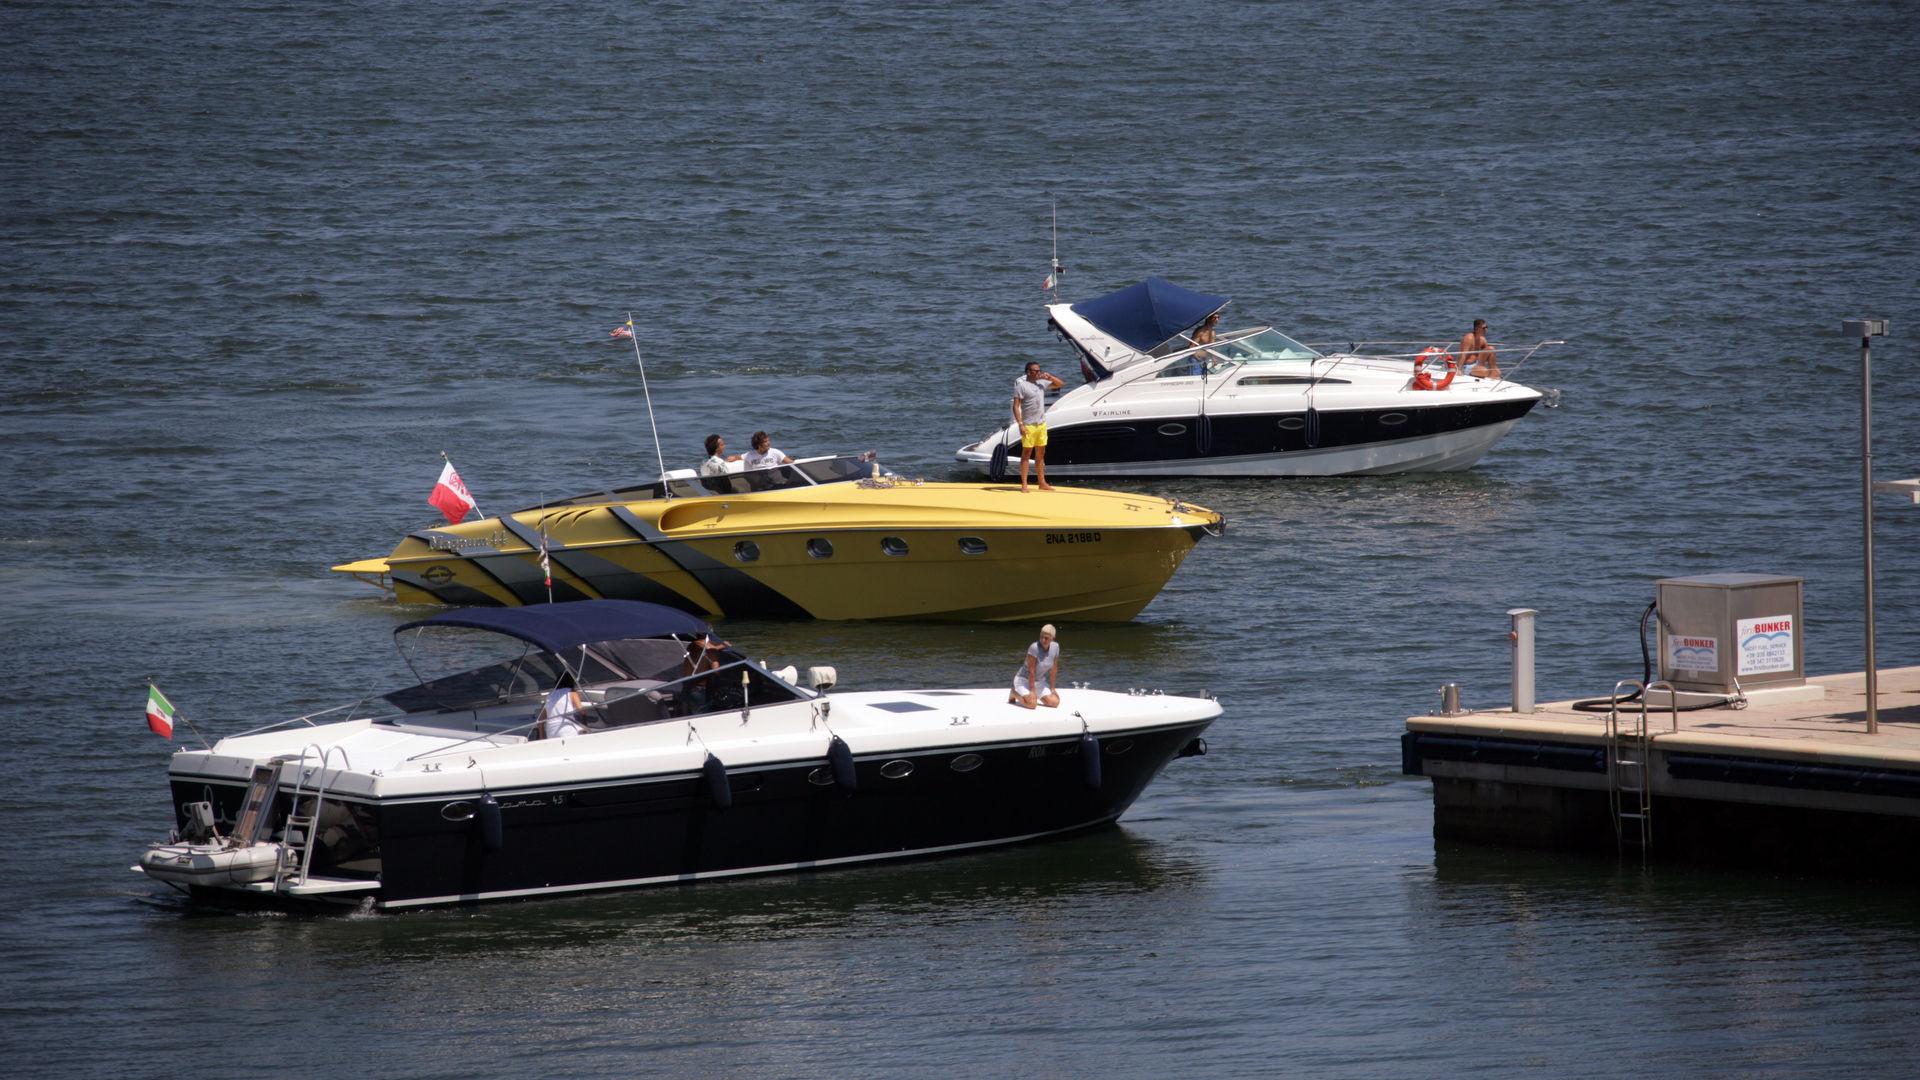 Marina di Olbia - Rifornimento di carburante xz9v8627